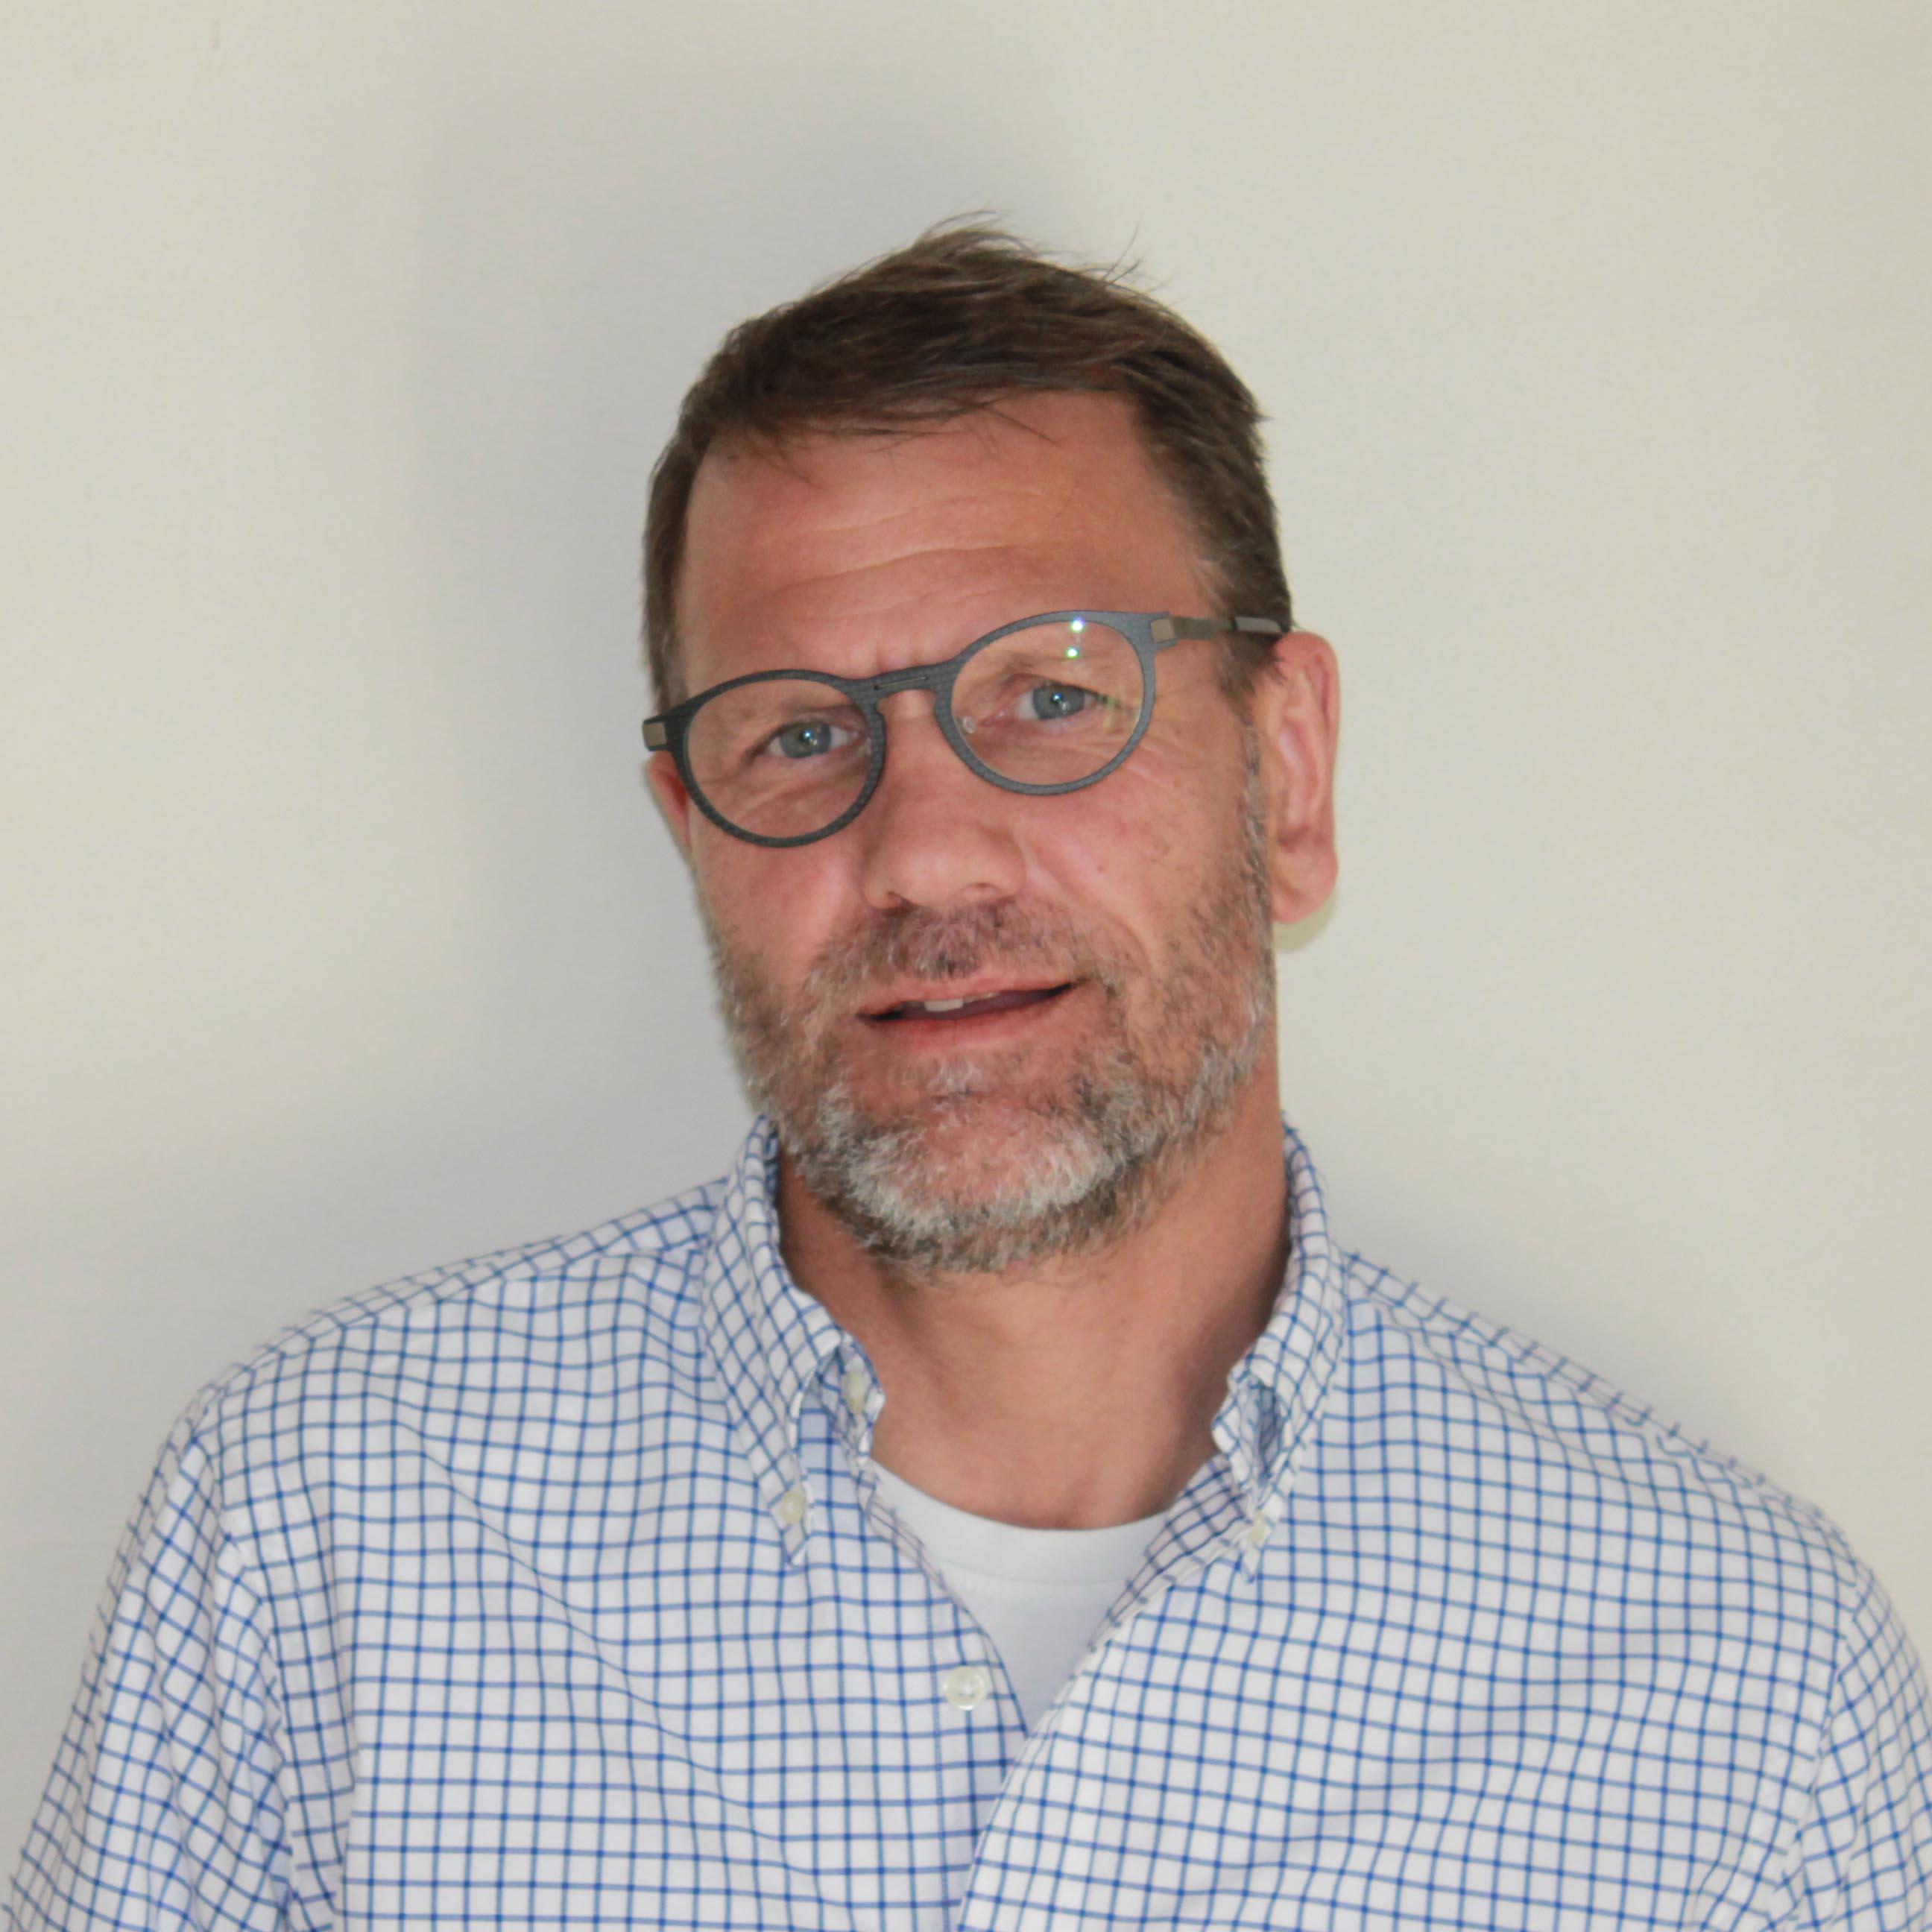 Claus Kronquist Jensen